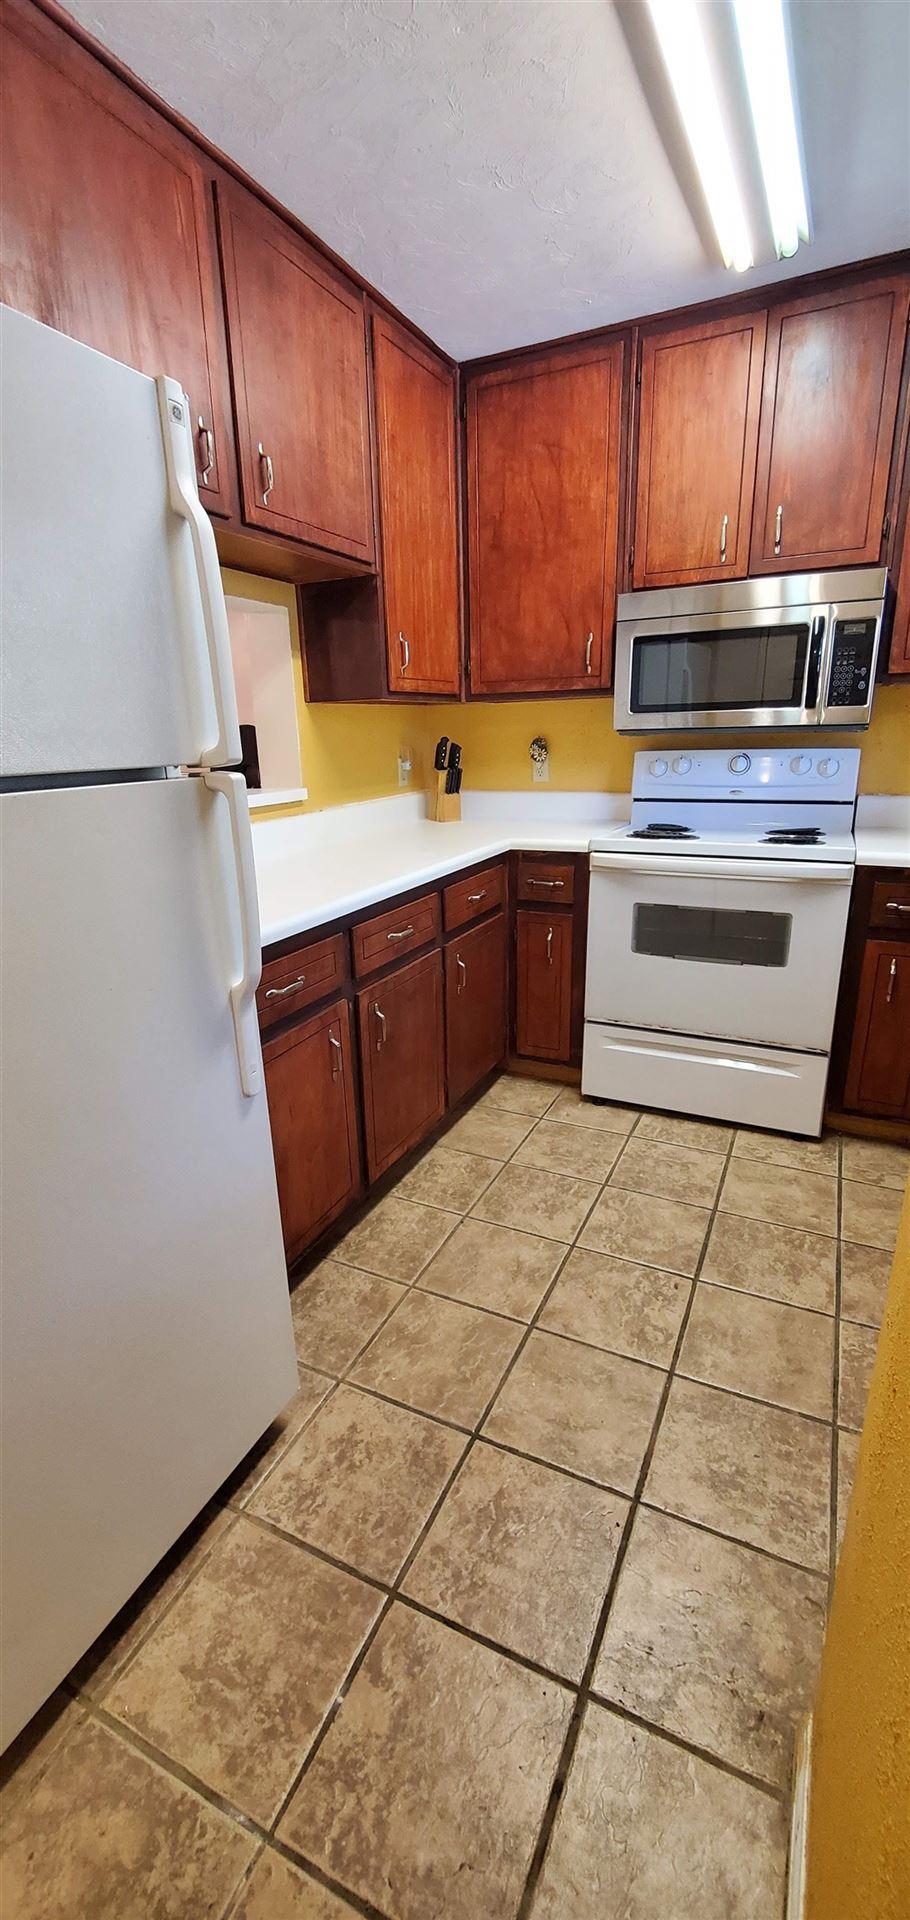 Photo of 2432 Talco Hills Drive, TALLAHASSEE, FL 32303 (MLS # 337183)